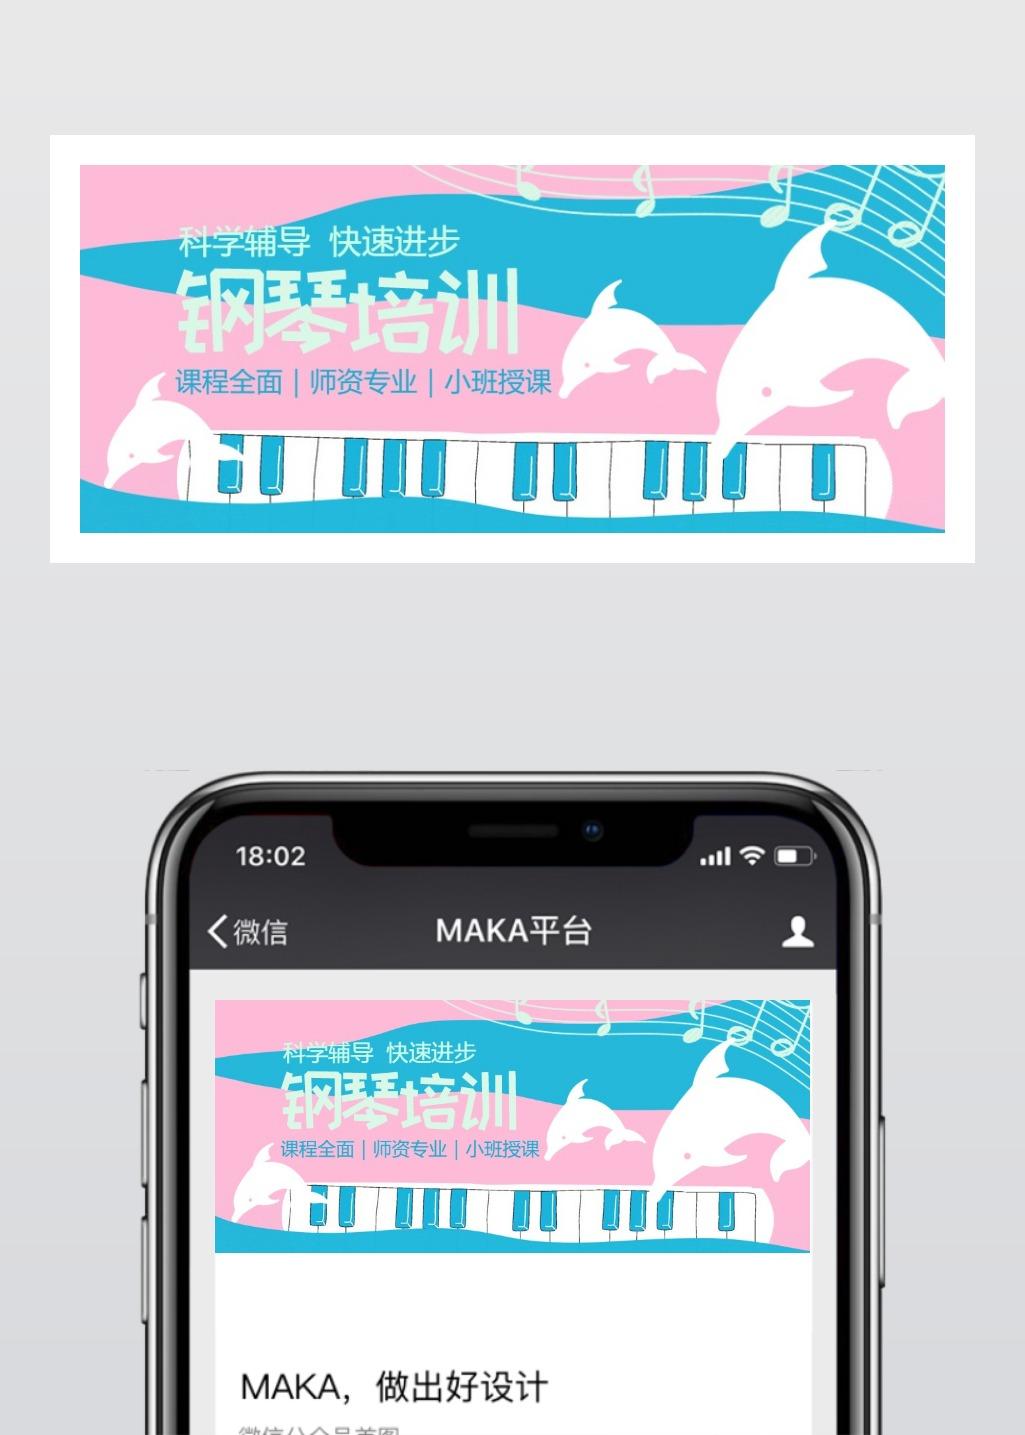 清新简约钢琴培训班艺术班才艺班兴趣班暑期班寒假班招生微信公众号首页大图